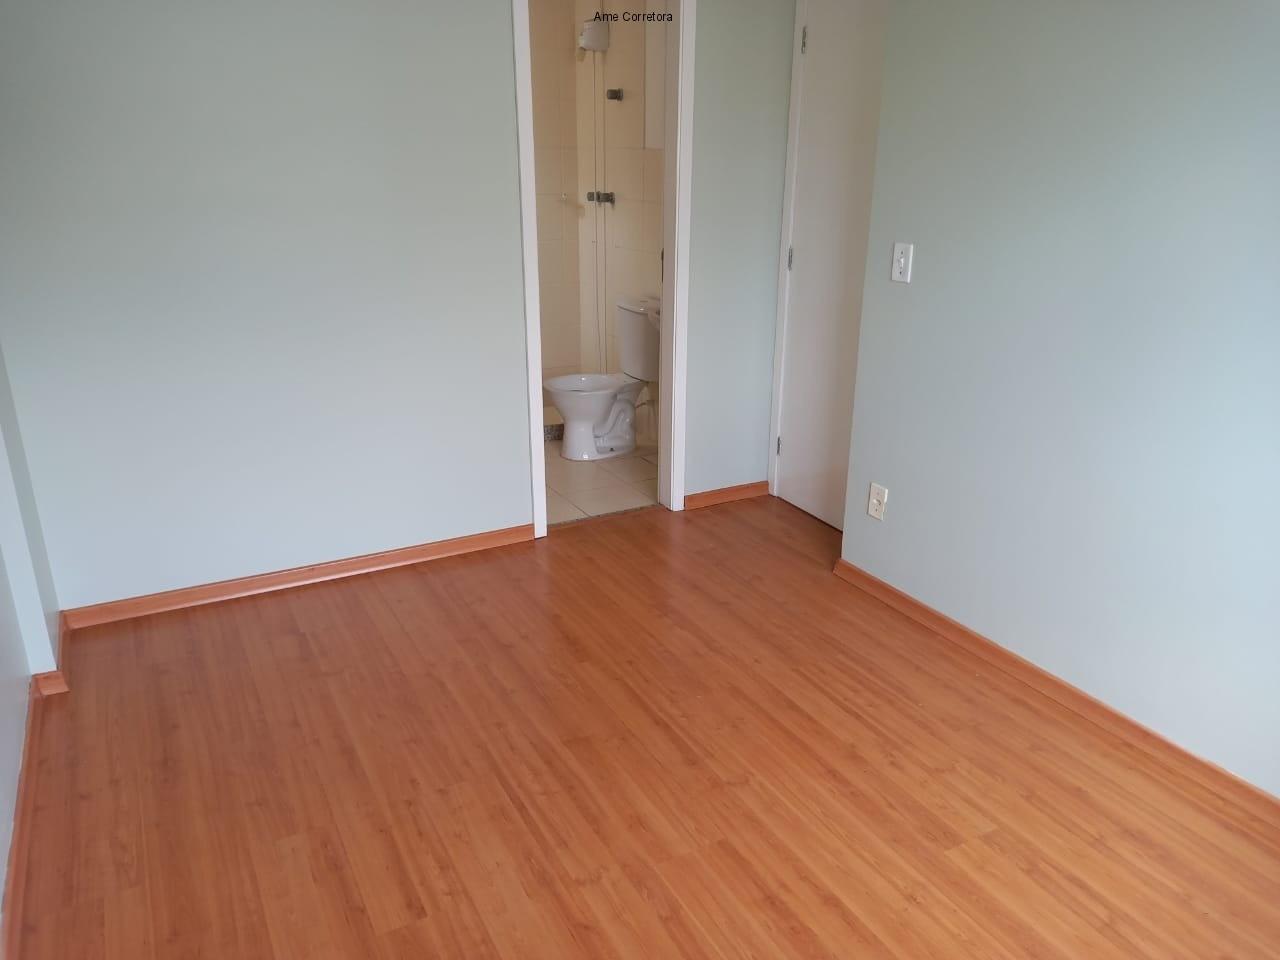 FOTO 07 - Apartamento 2 quartos para alugar Campo Grande, Rio de Janeiro - R$ 1.200 - AP00439 - 6